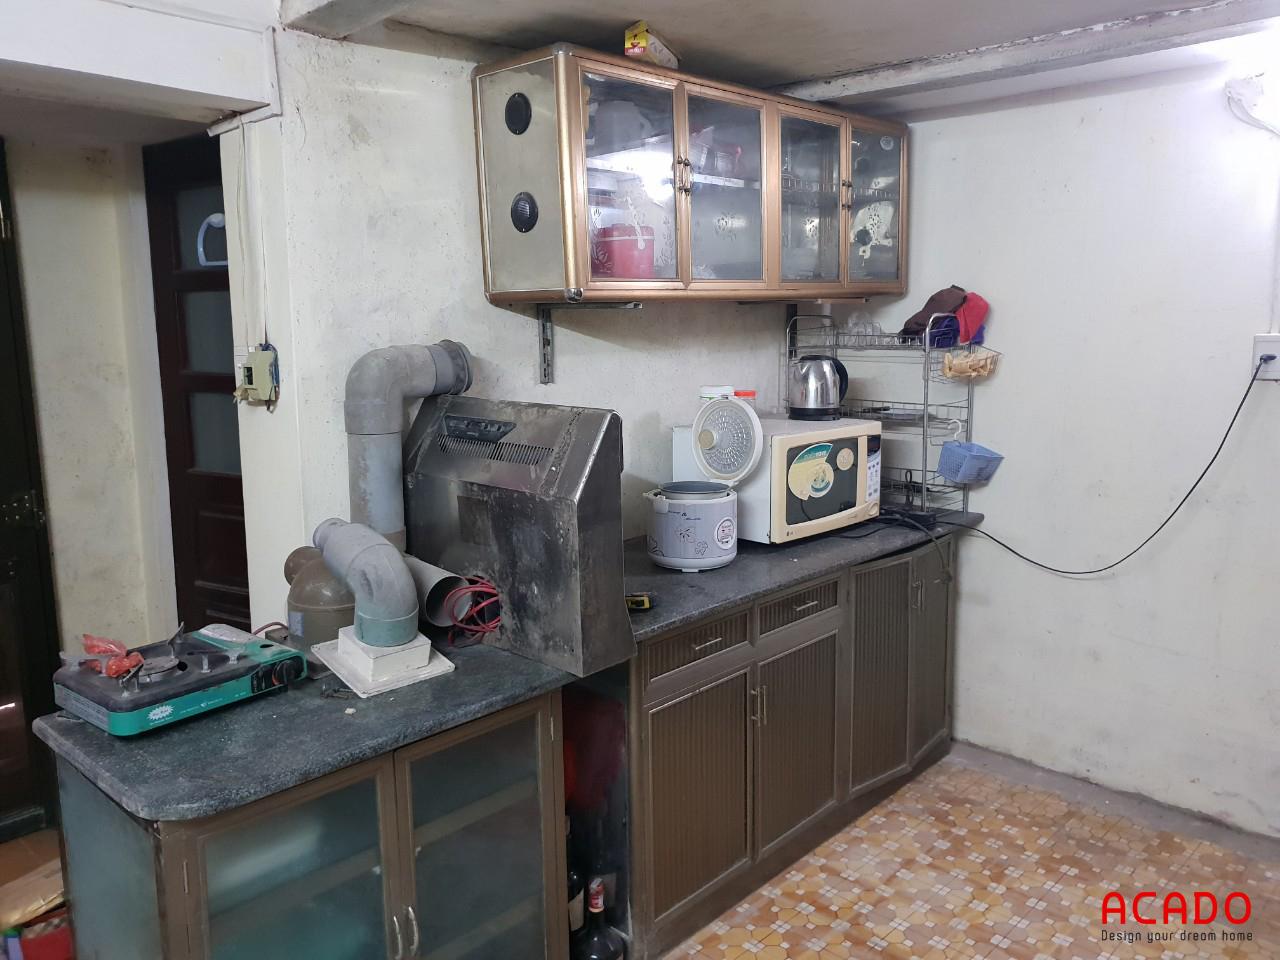 Khảo sát hiện trạng trước khi thi công tủ bếp tại Yết Kiêu.